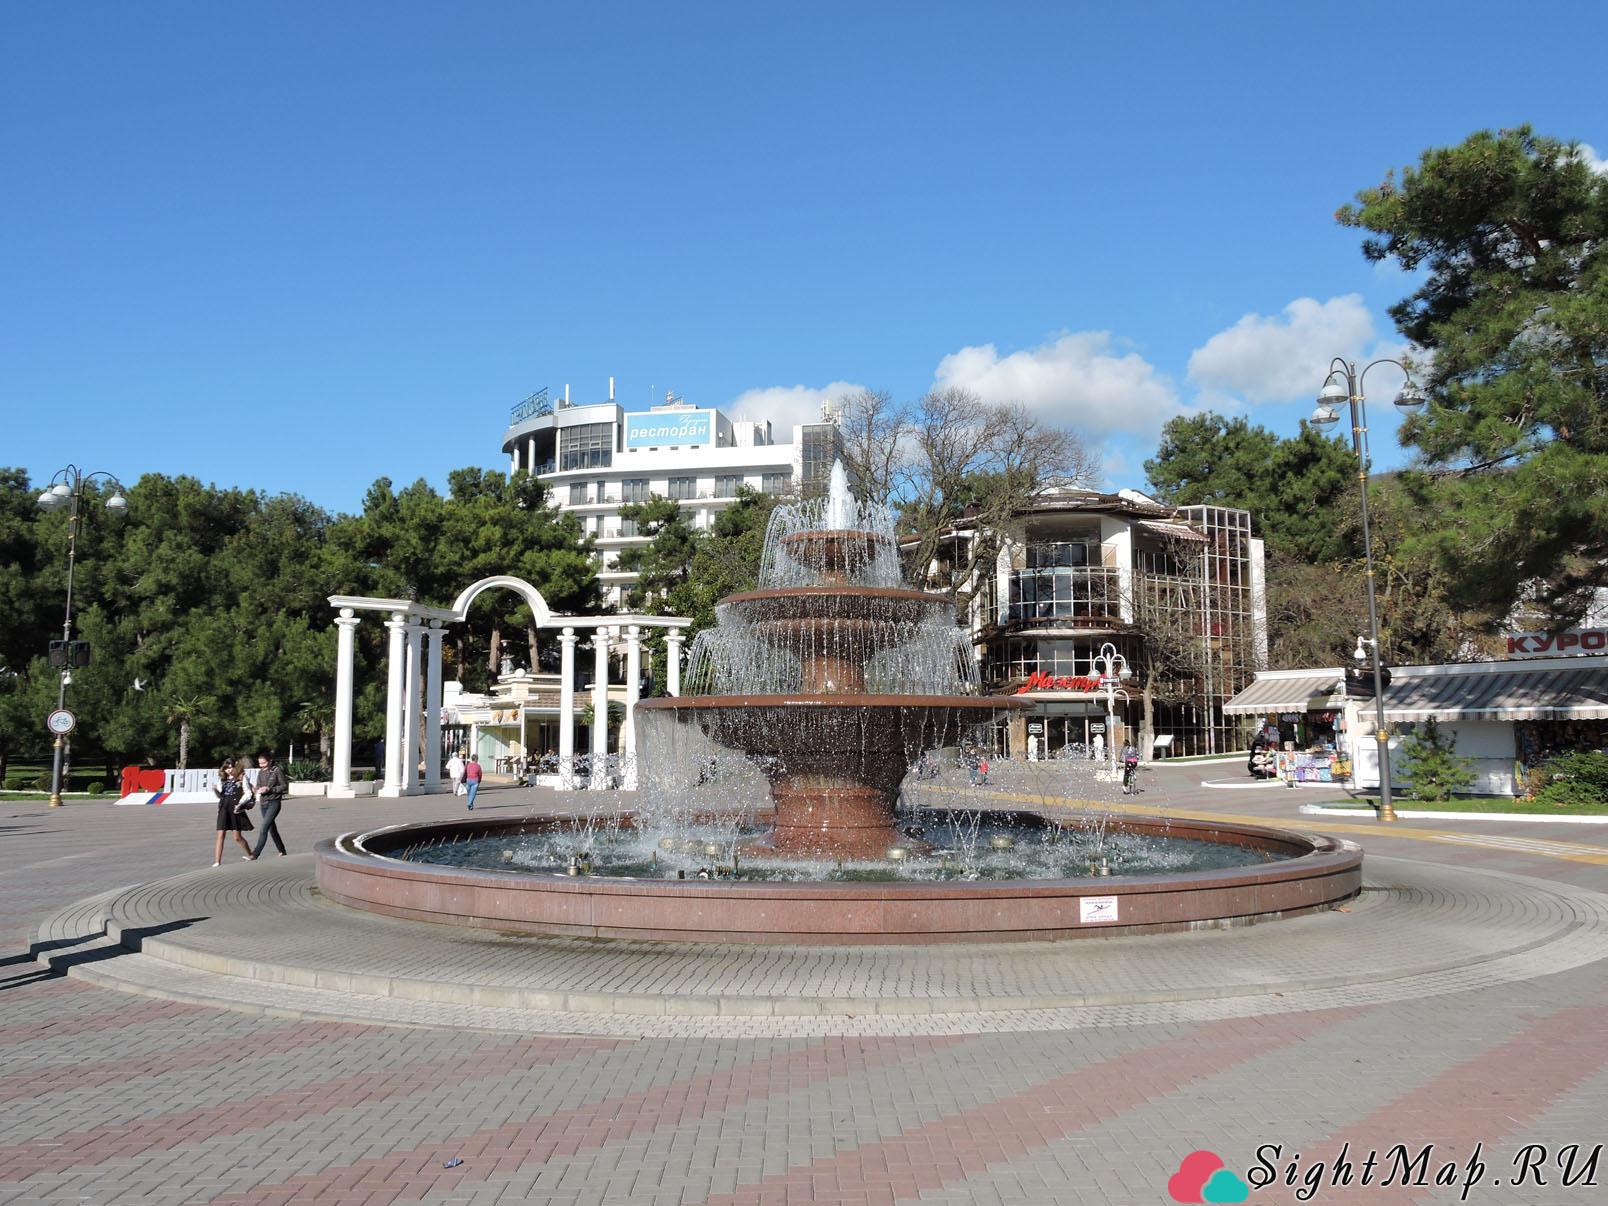 г. Геленджик, фонтан на набережной